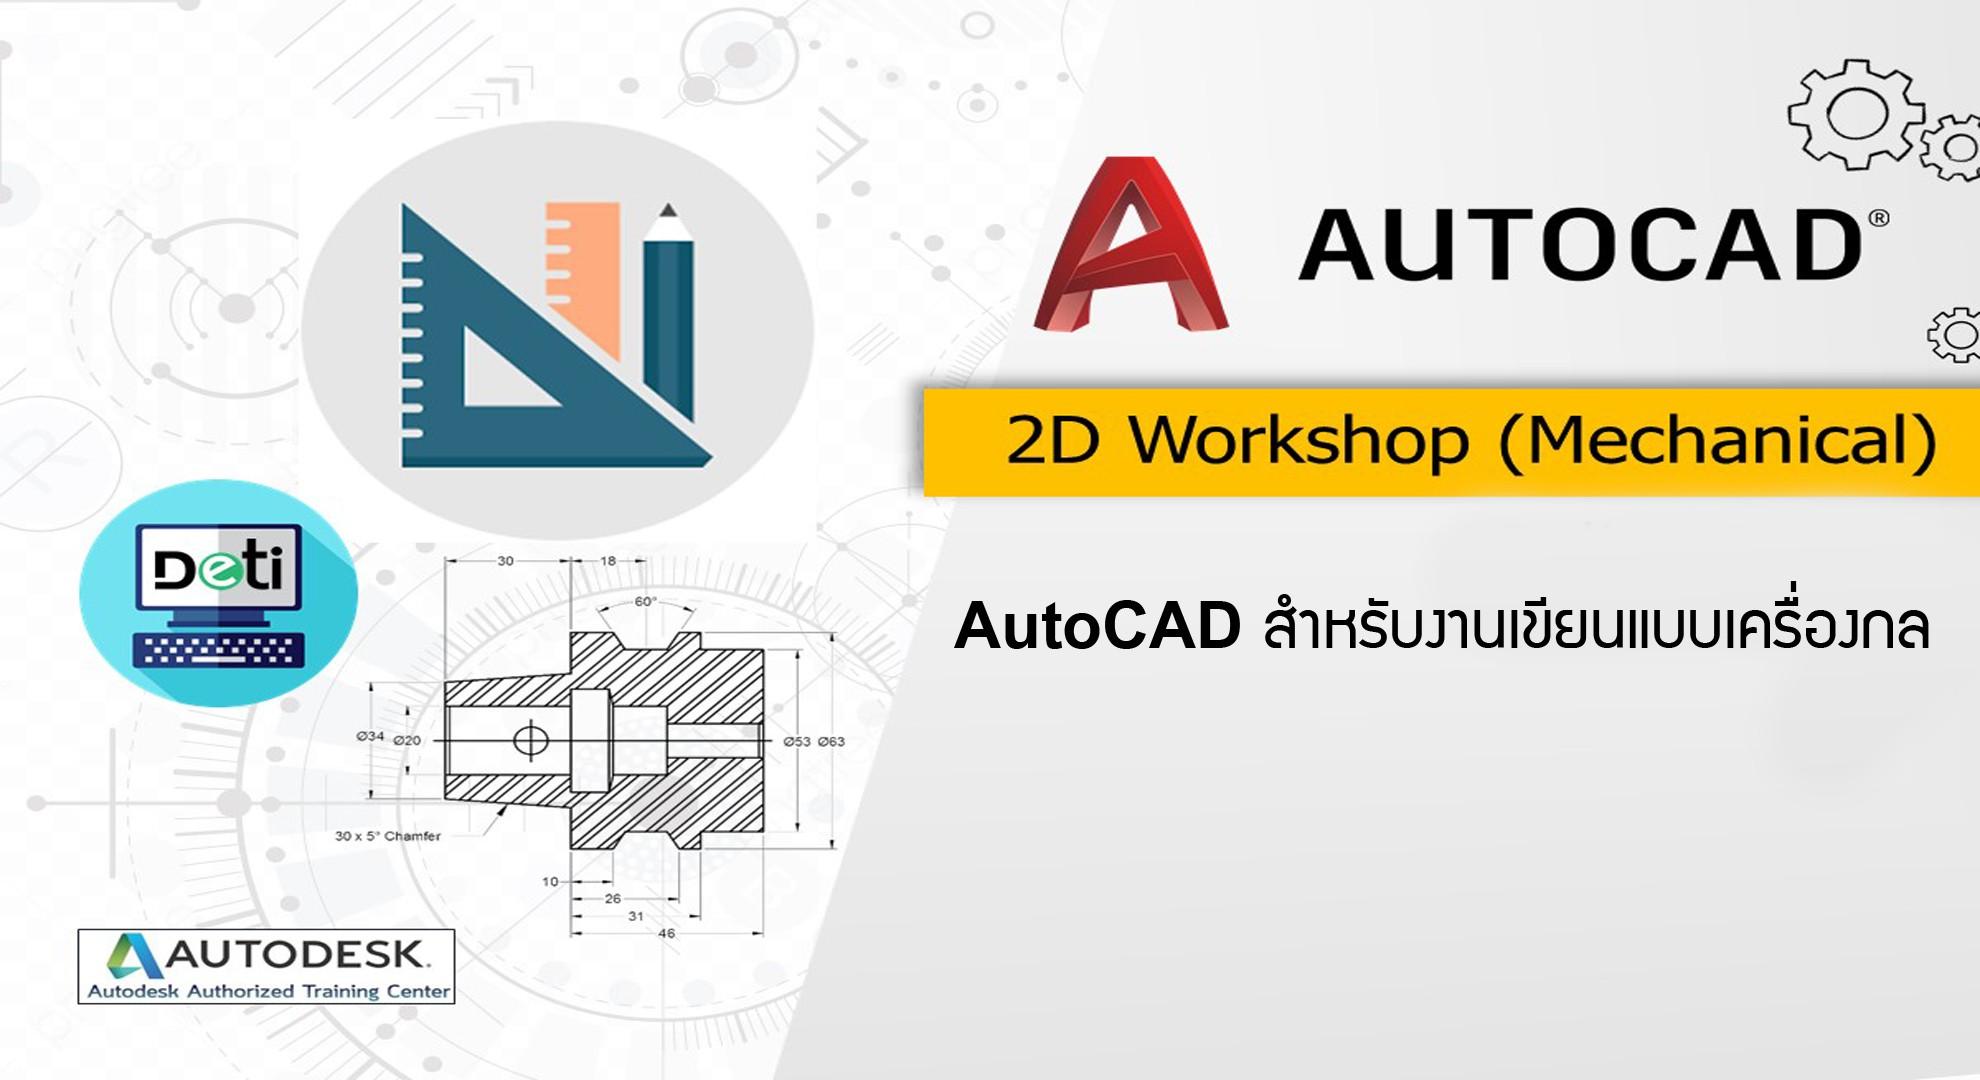 เรียนรู้ โปรแกรม AutoCAD 2D สำหรับงานเขียนแบบเครื่องกล